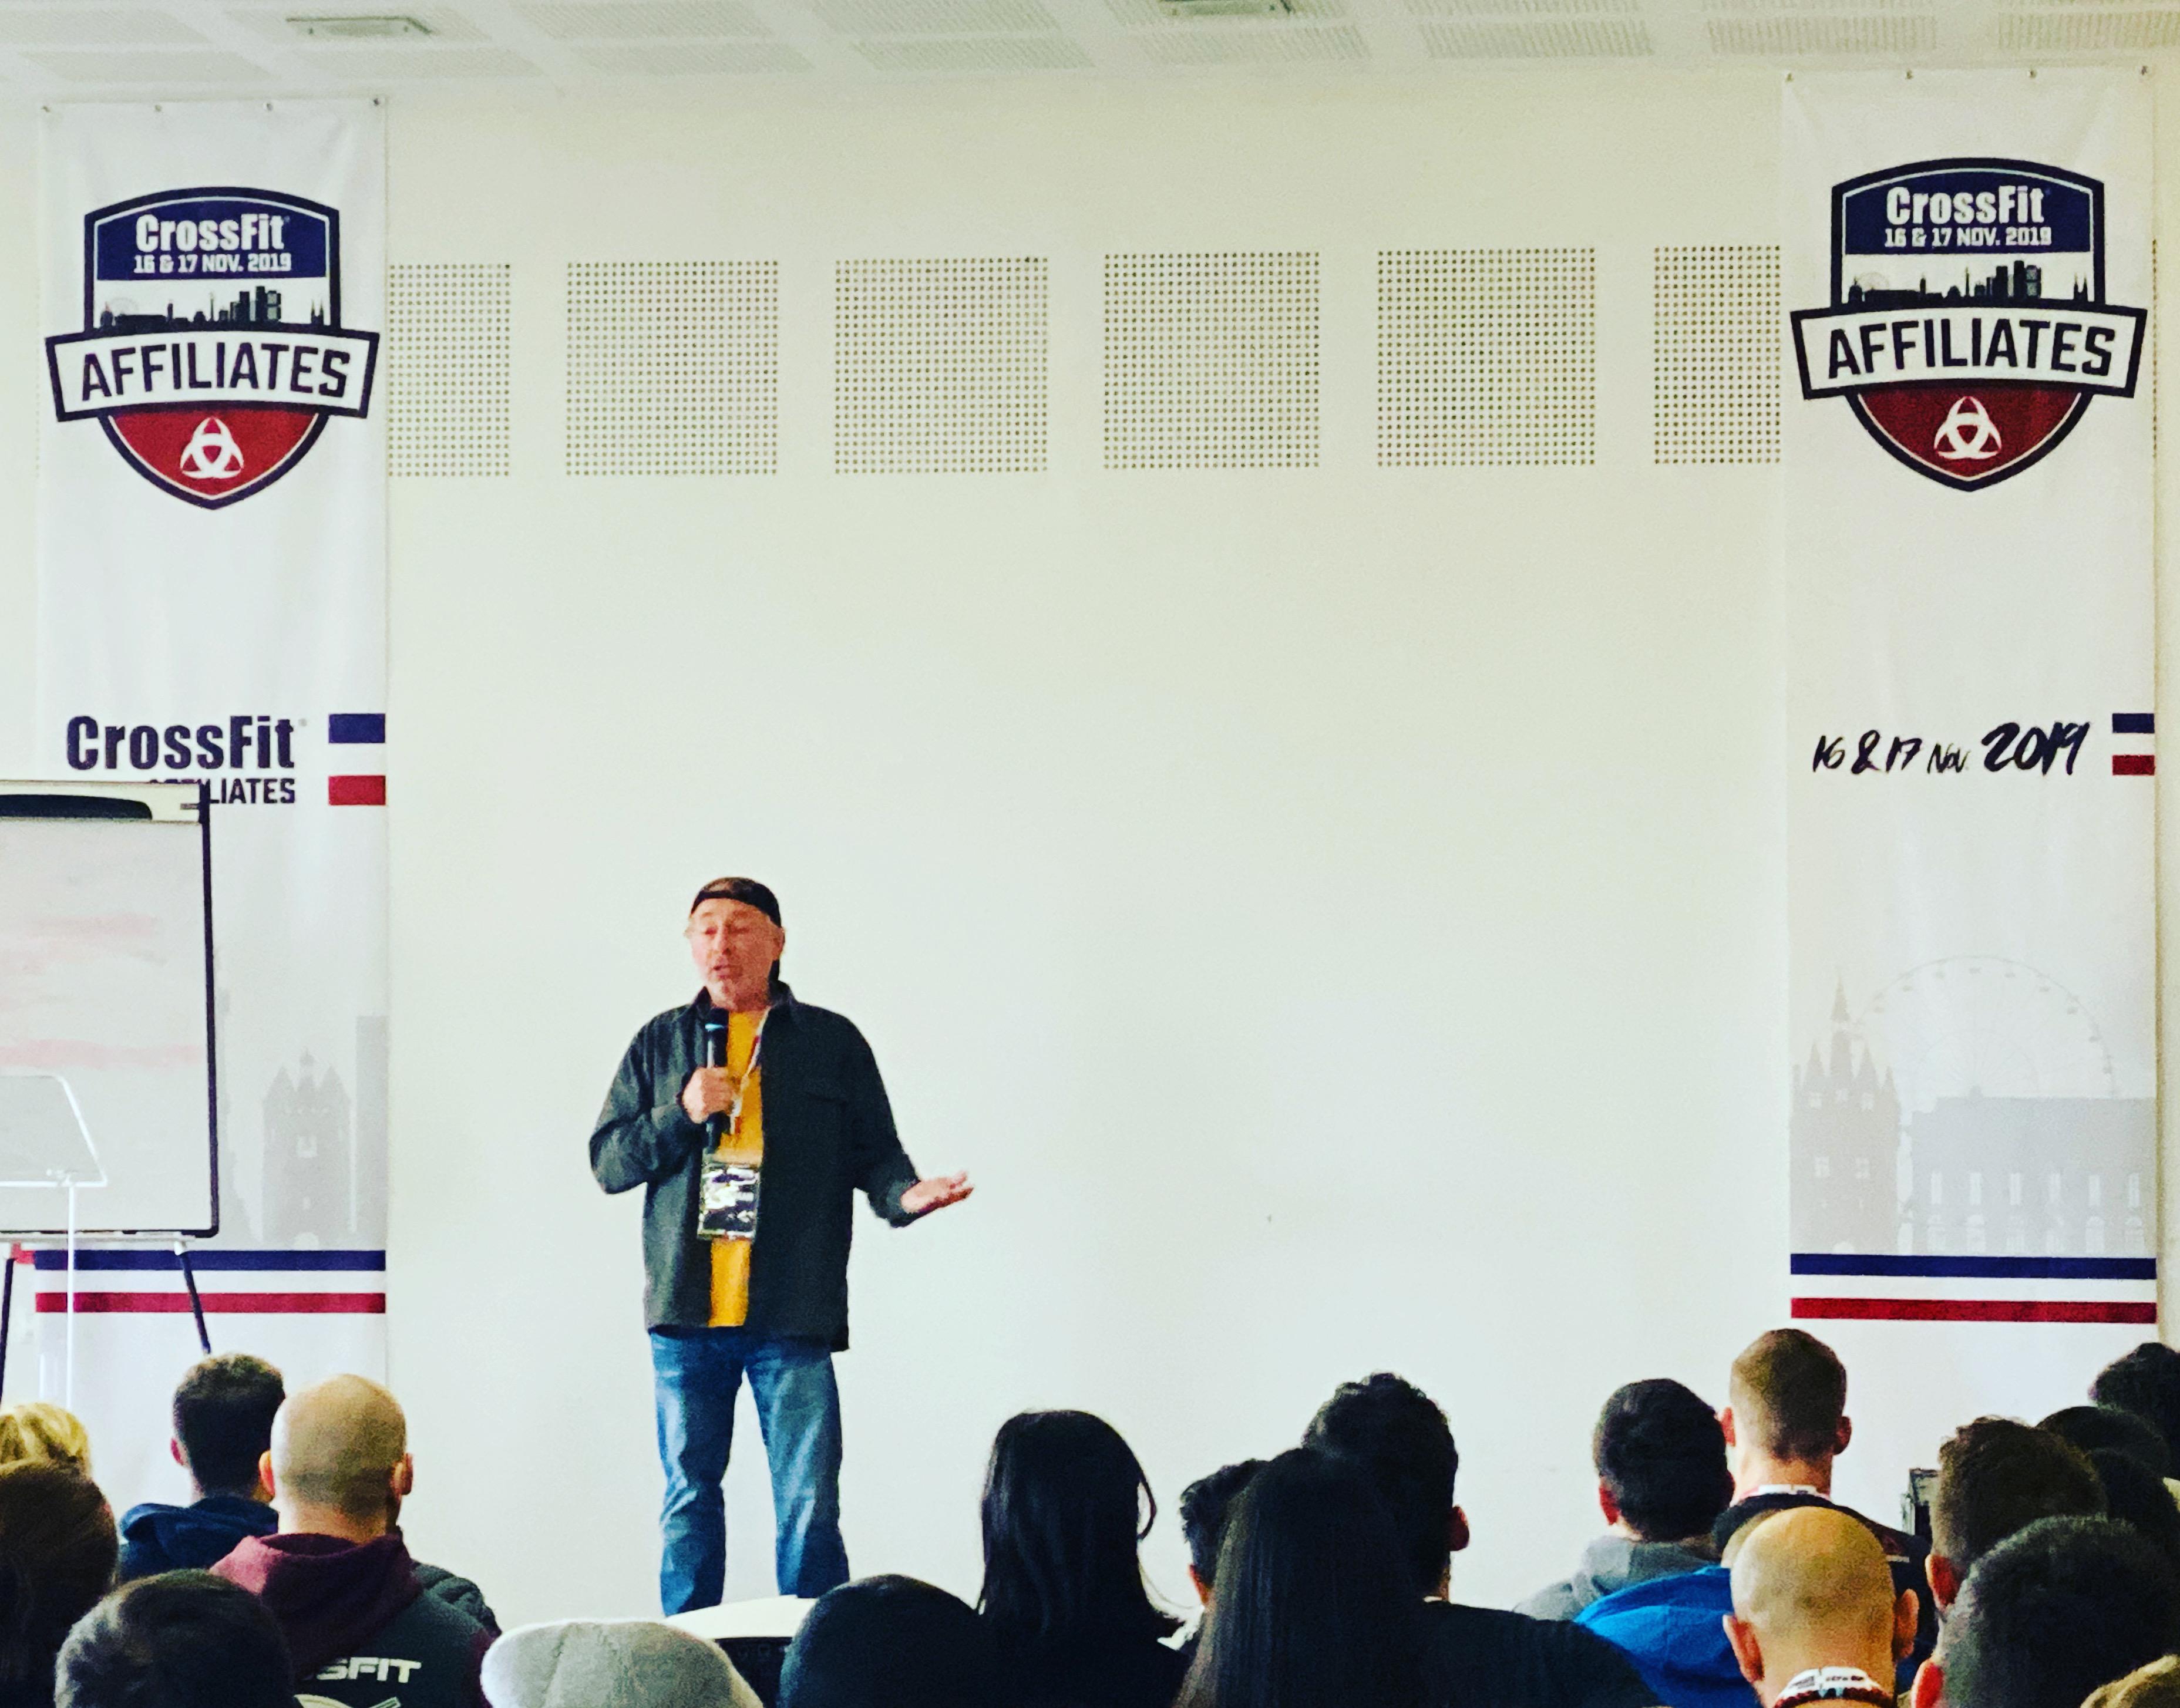 Greg GLASSMAN à la réunion des affiliées CrossFit France 2019